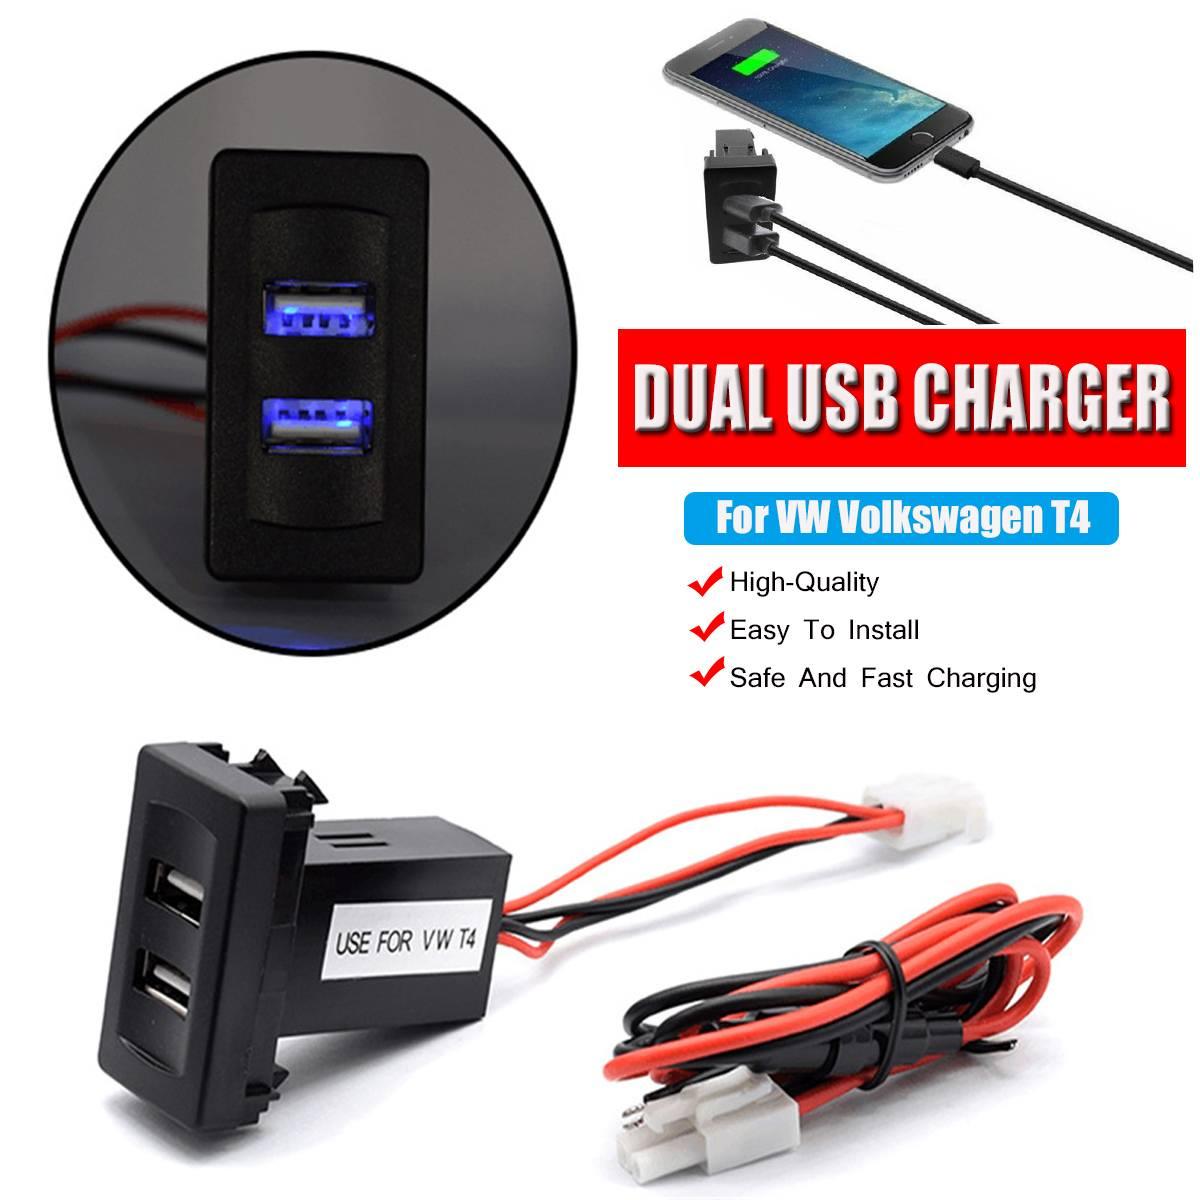 New Dual USB Car Charger 12V~24V To 5V/2.1A 2-Port USB Vehicle Car Power Inverter Converter For VW For Volkswagen T4 Models